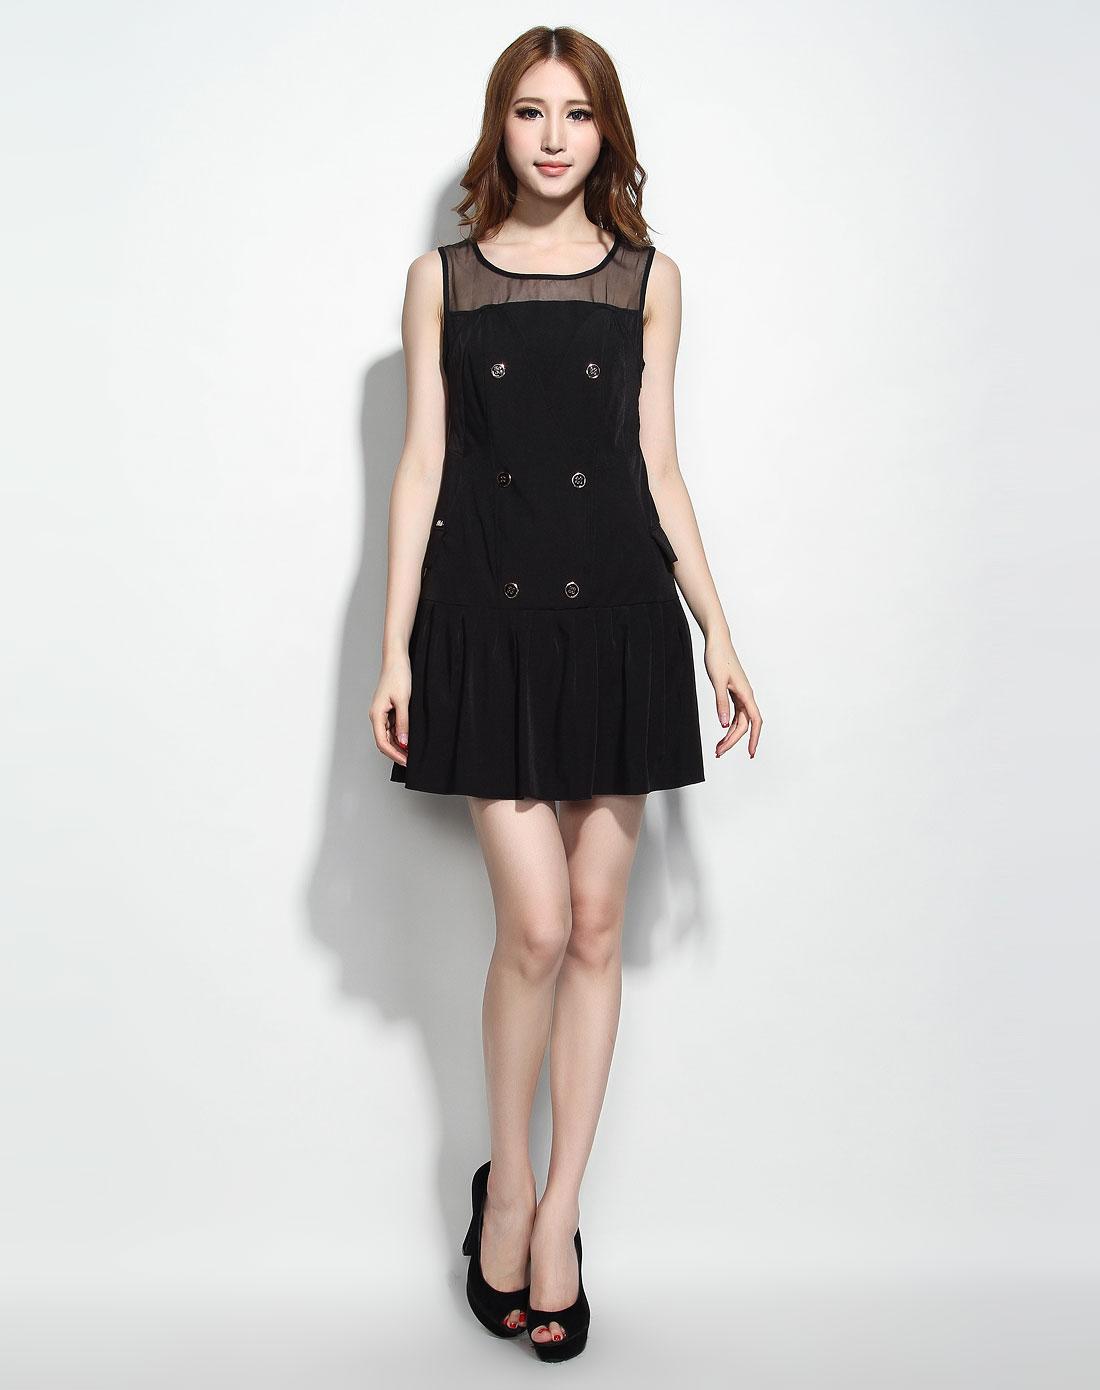 无袖跺(h��ފ9_黑色无袖连衣裙